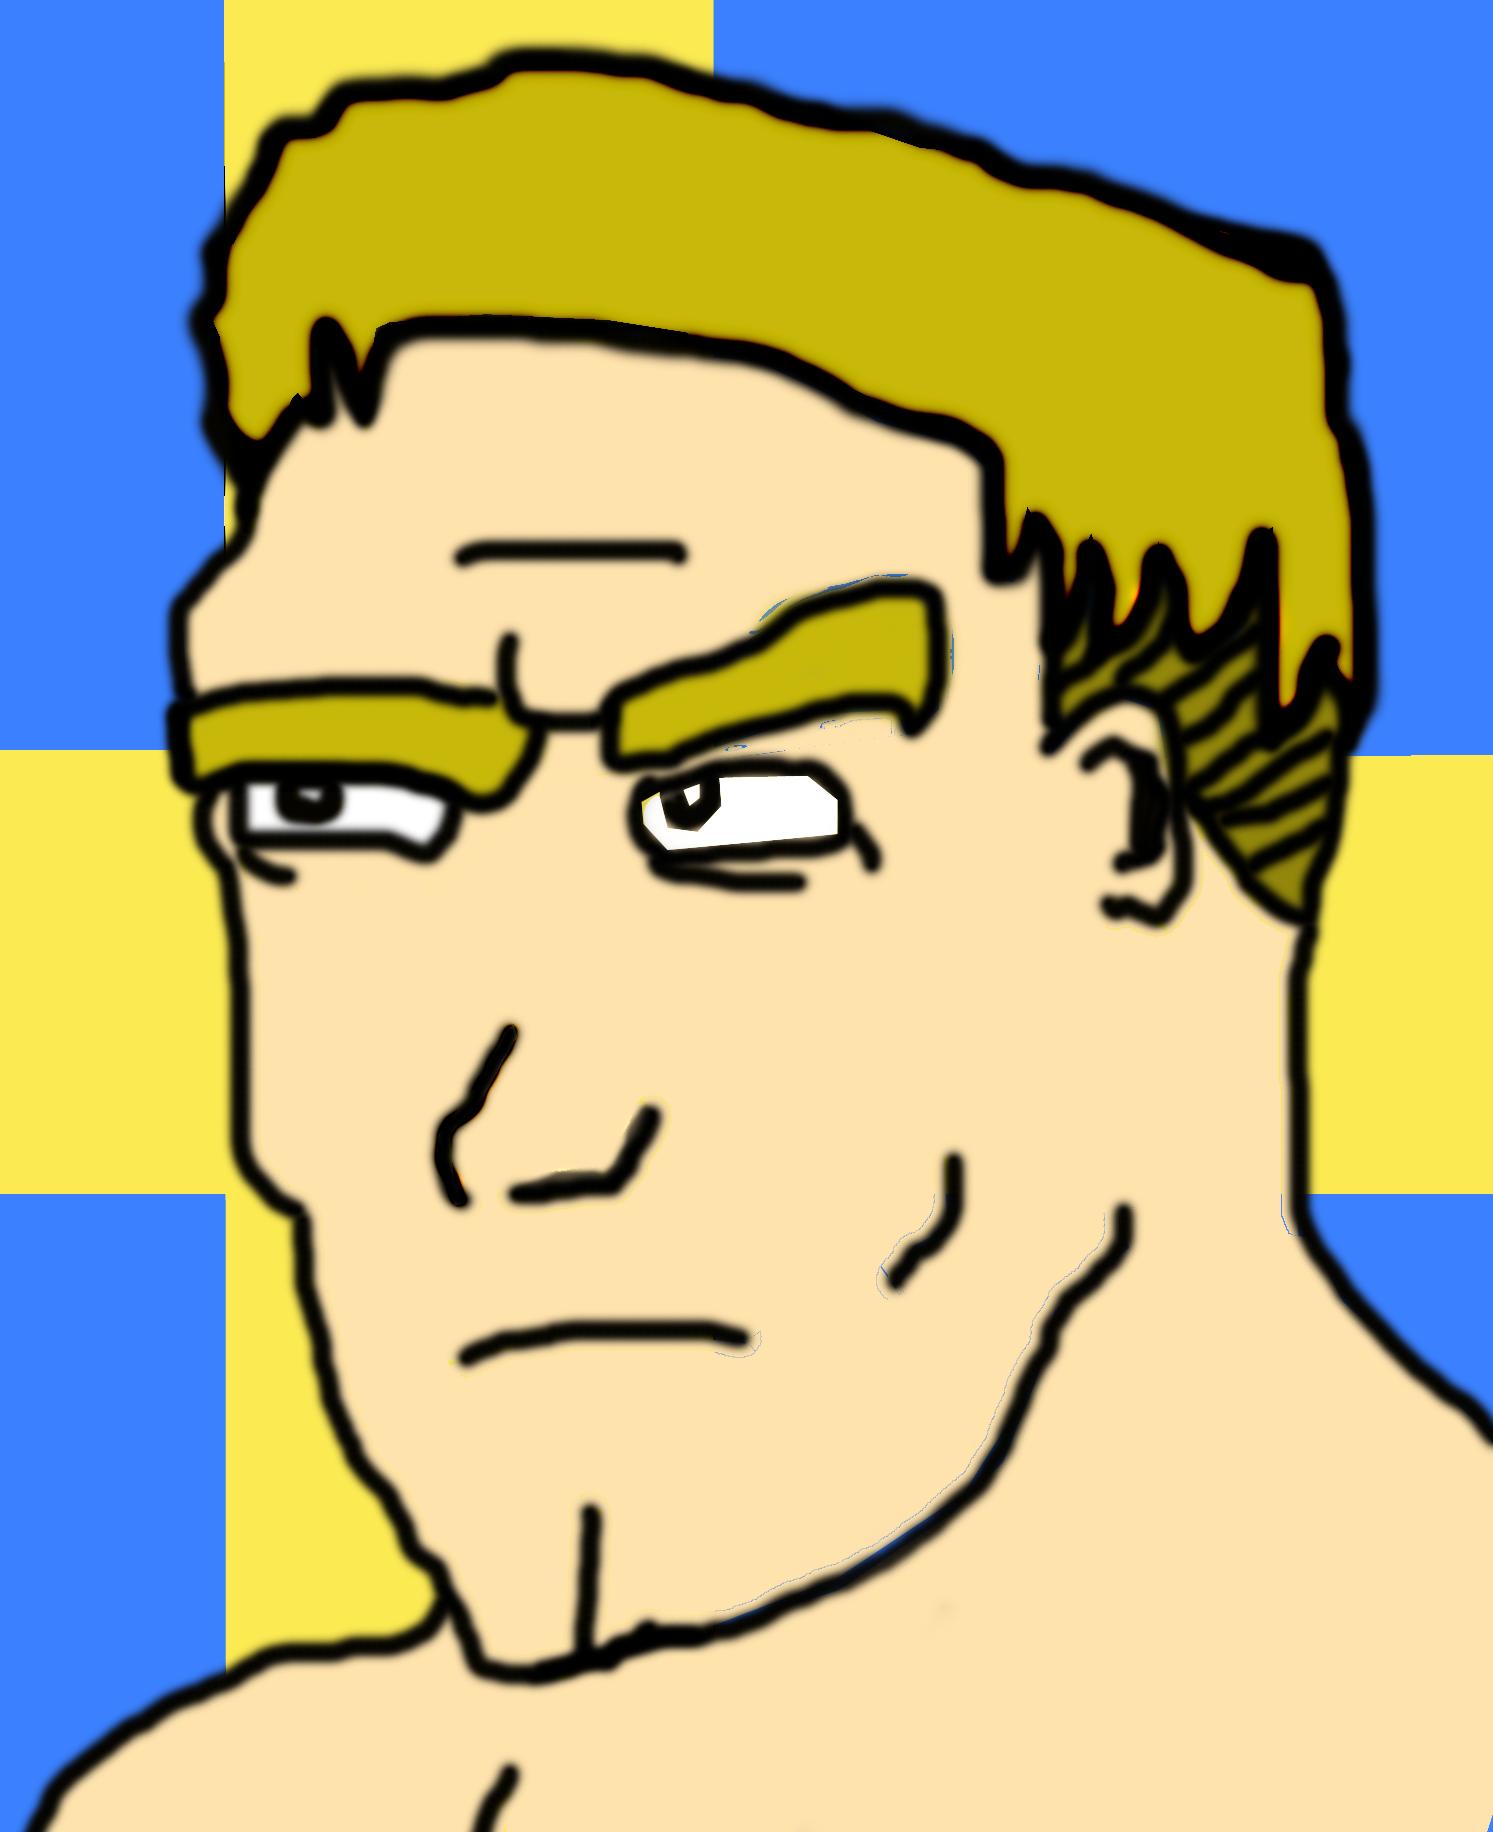 Axel Hardrada